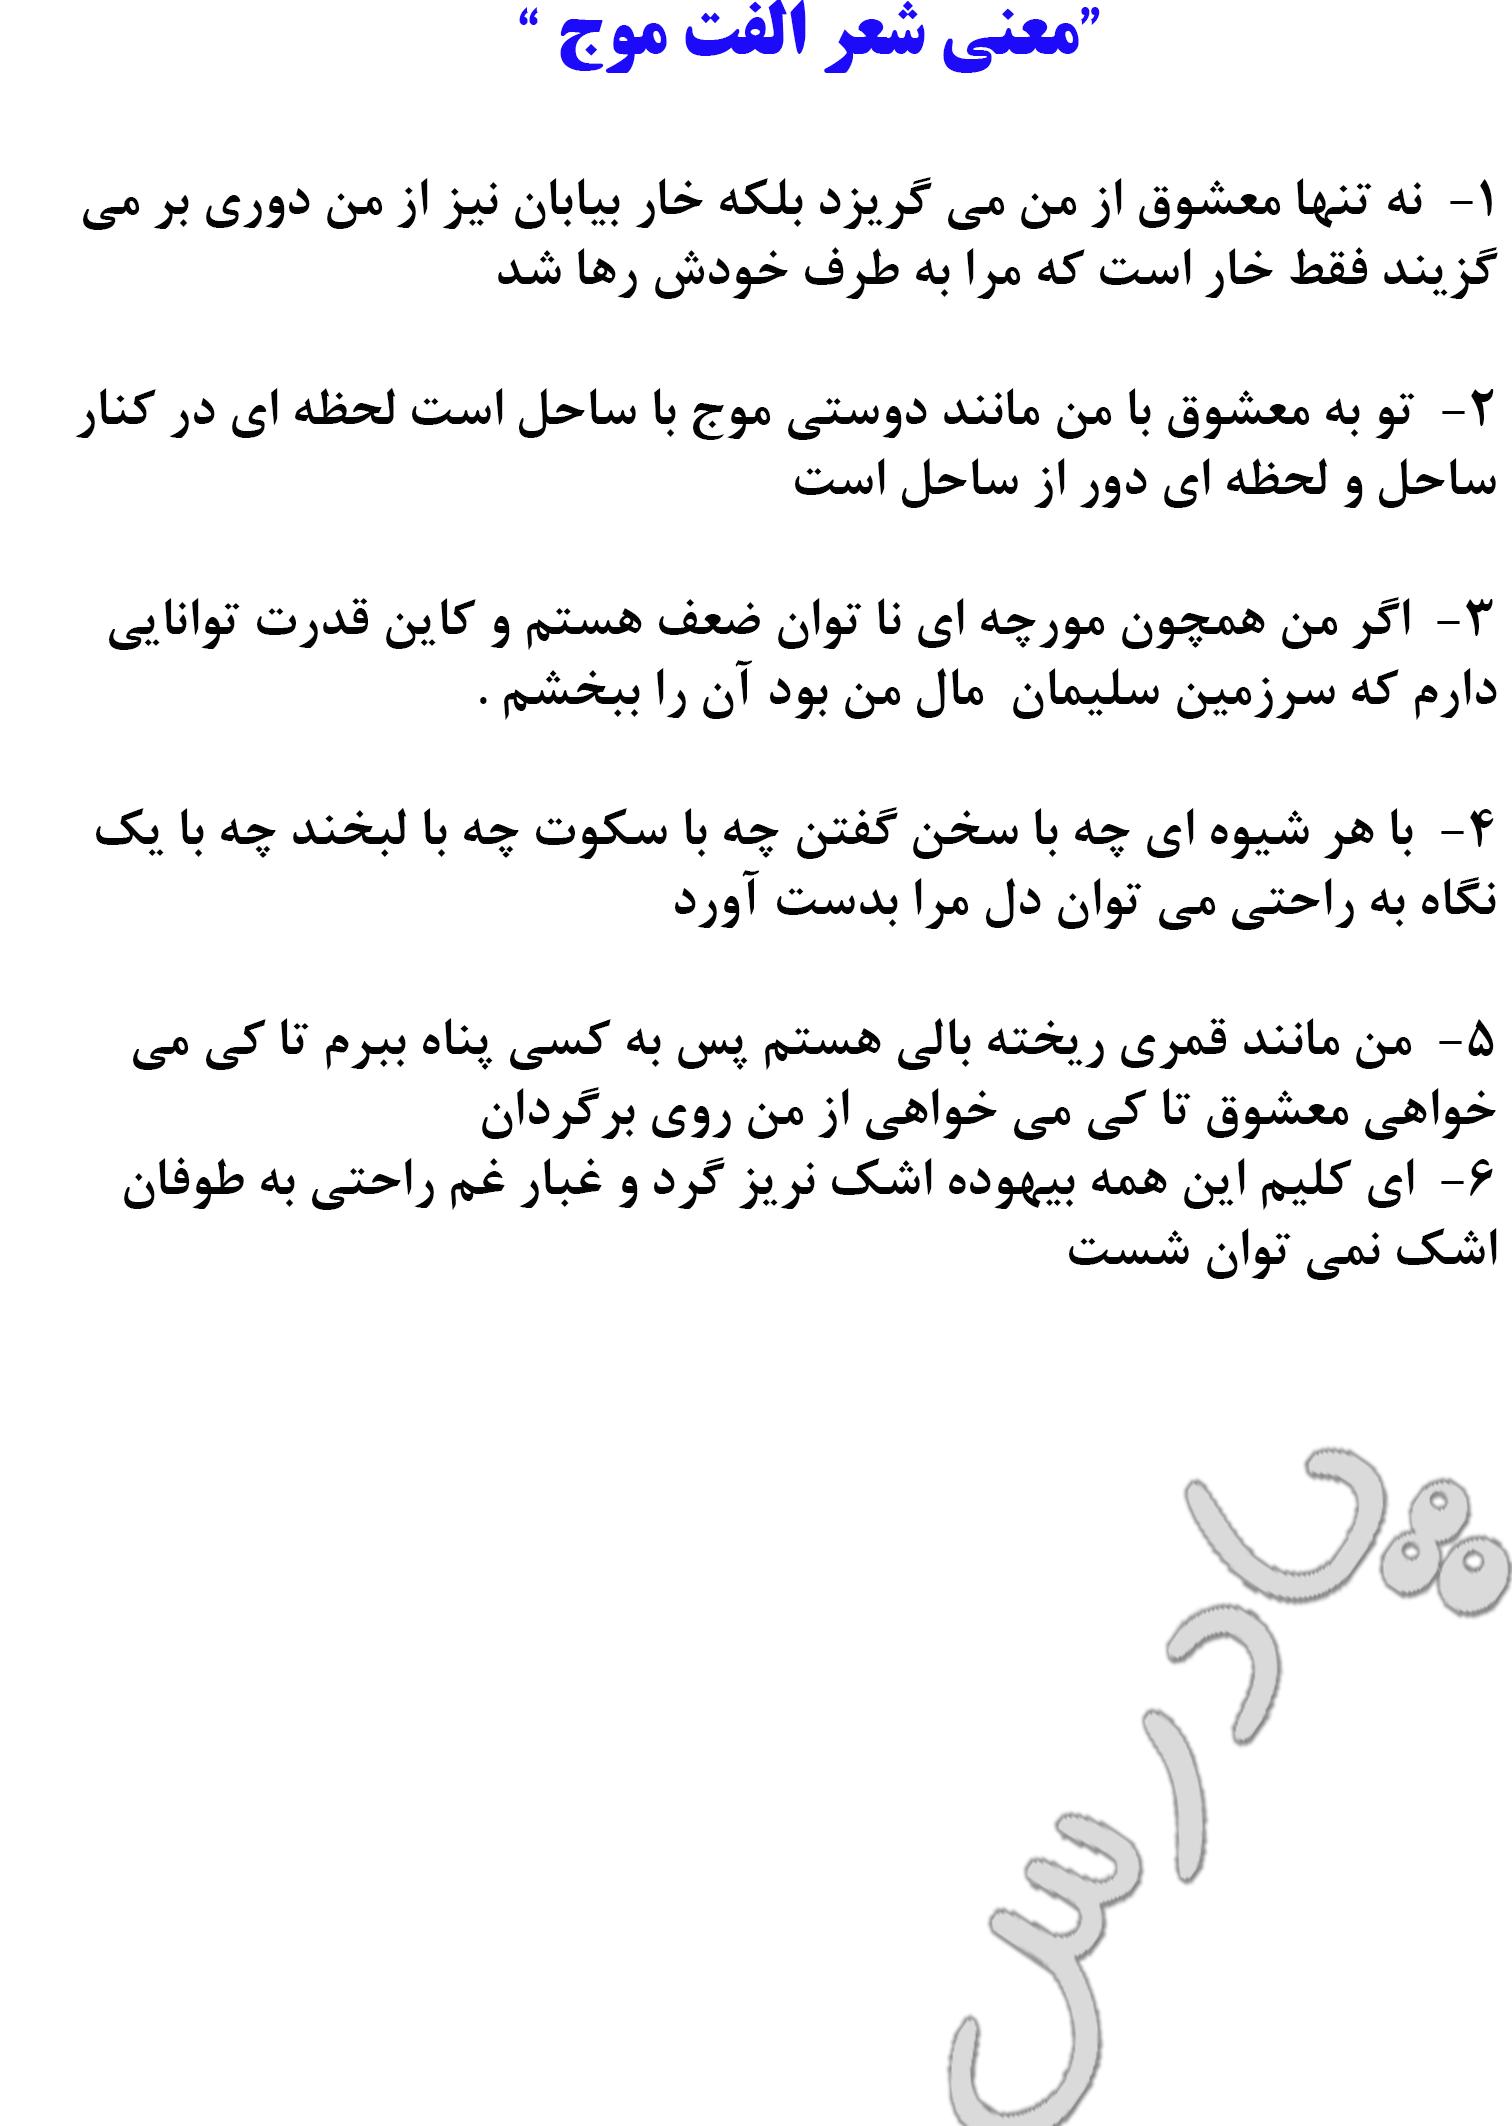 معنی شعرالفت موج درس 12  ادبیات فارسی سوم انسانی